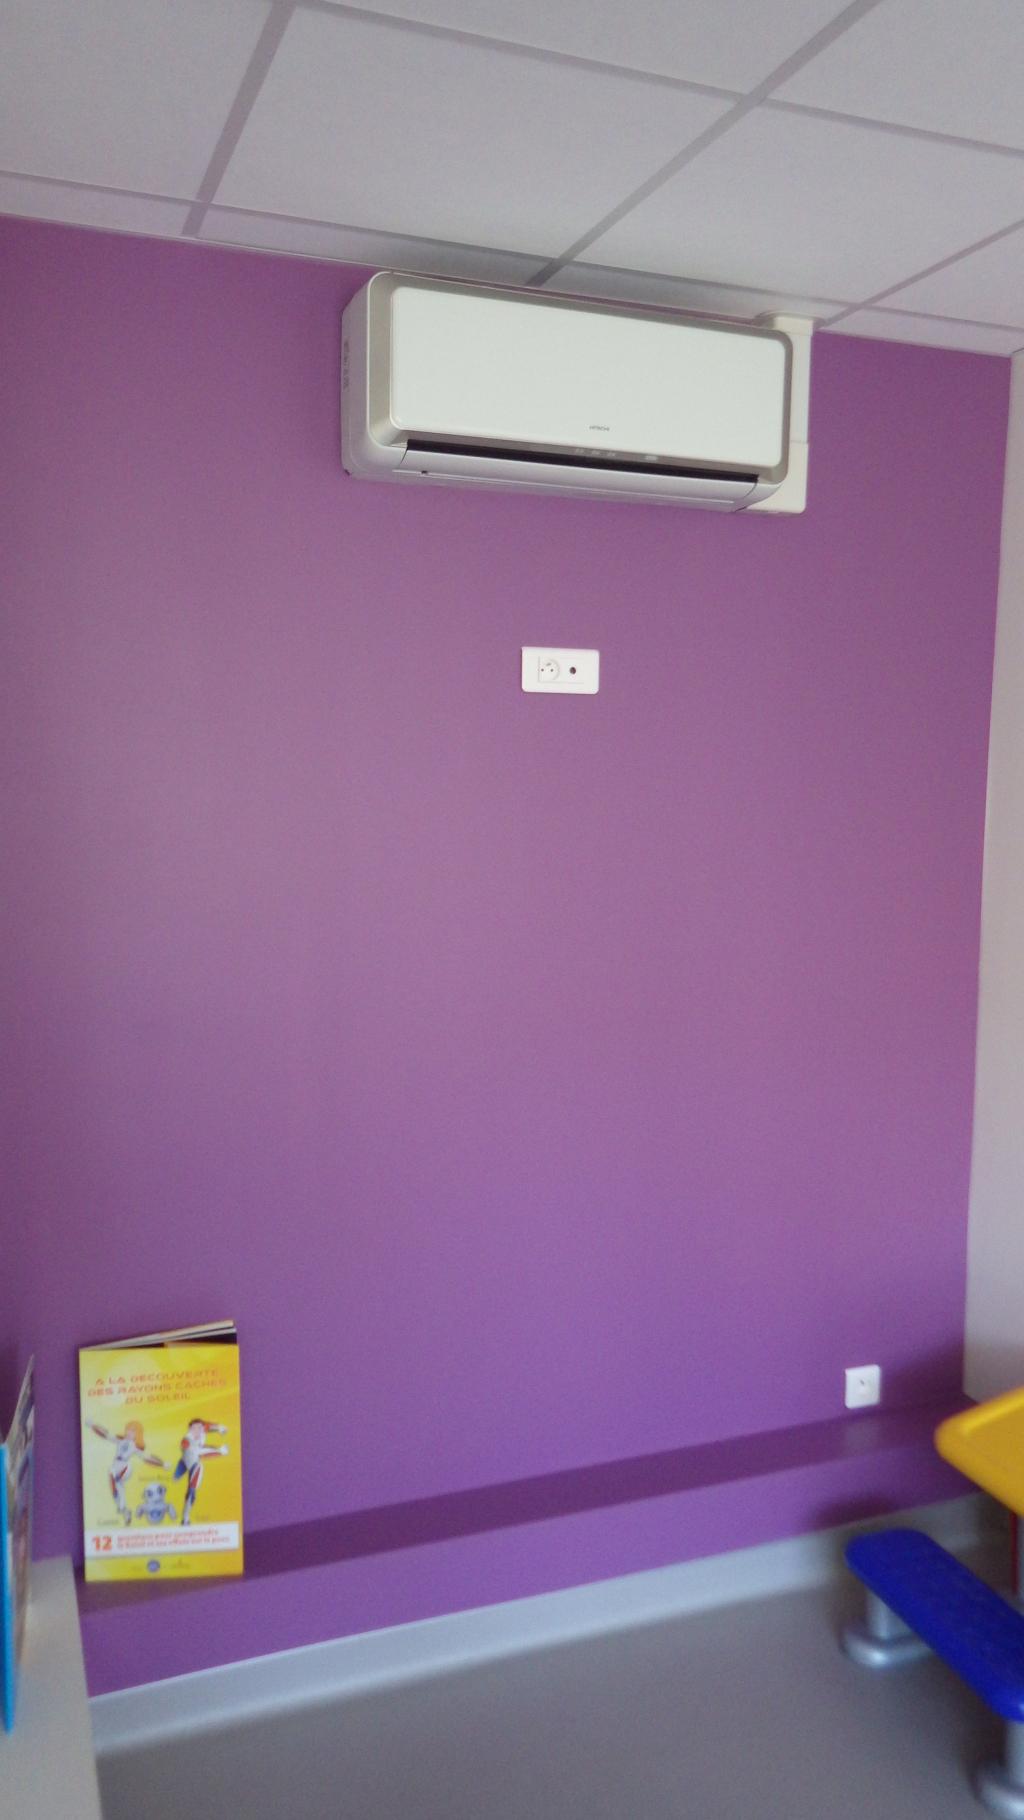 Installation de climatisation réversible HITACHI dans un immeuble-Rhône (69)